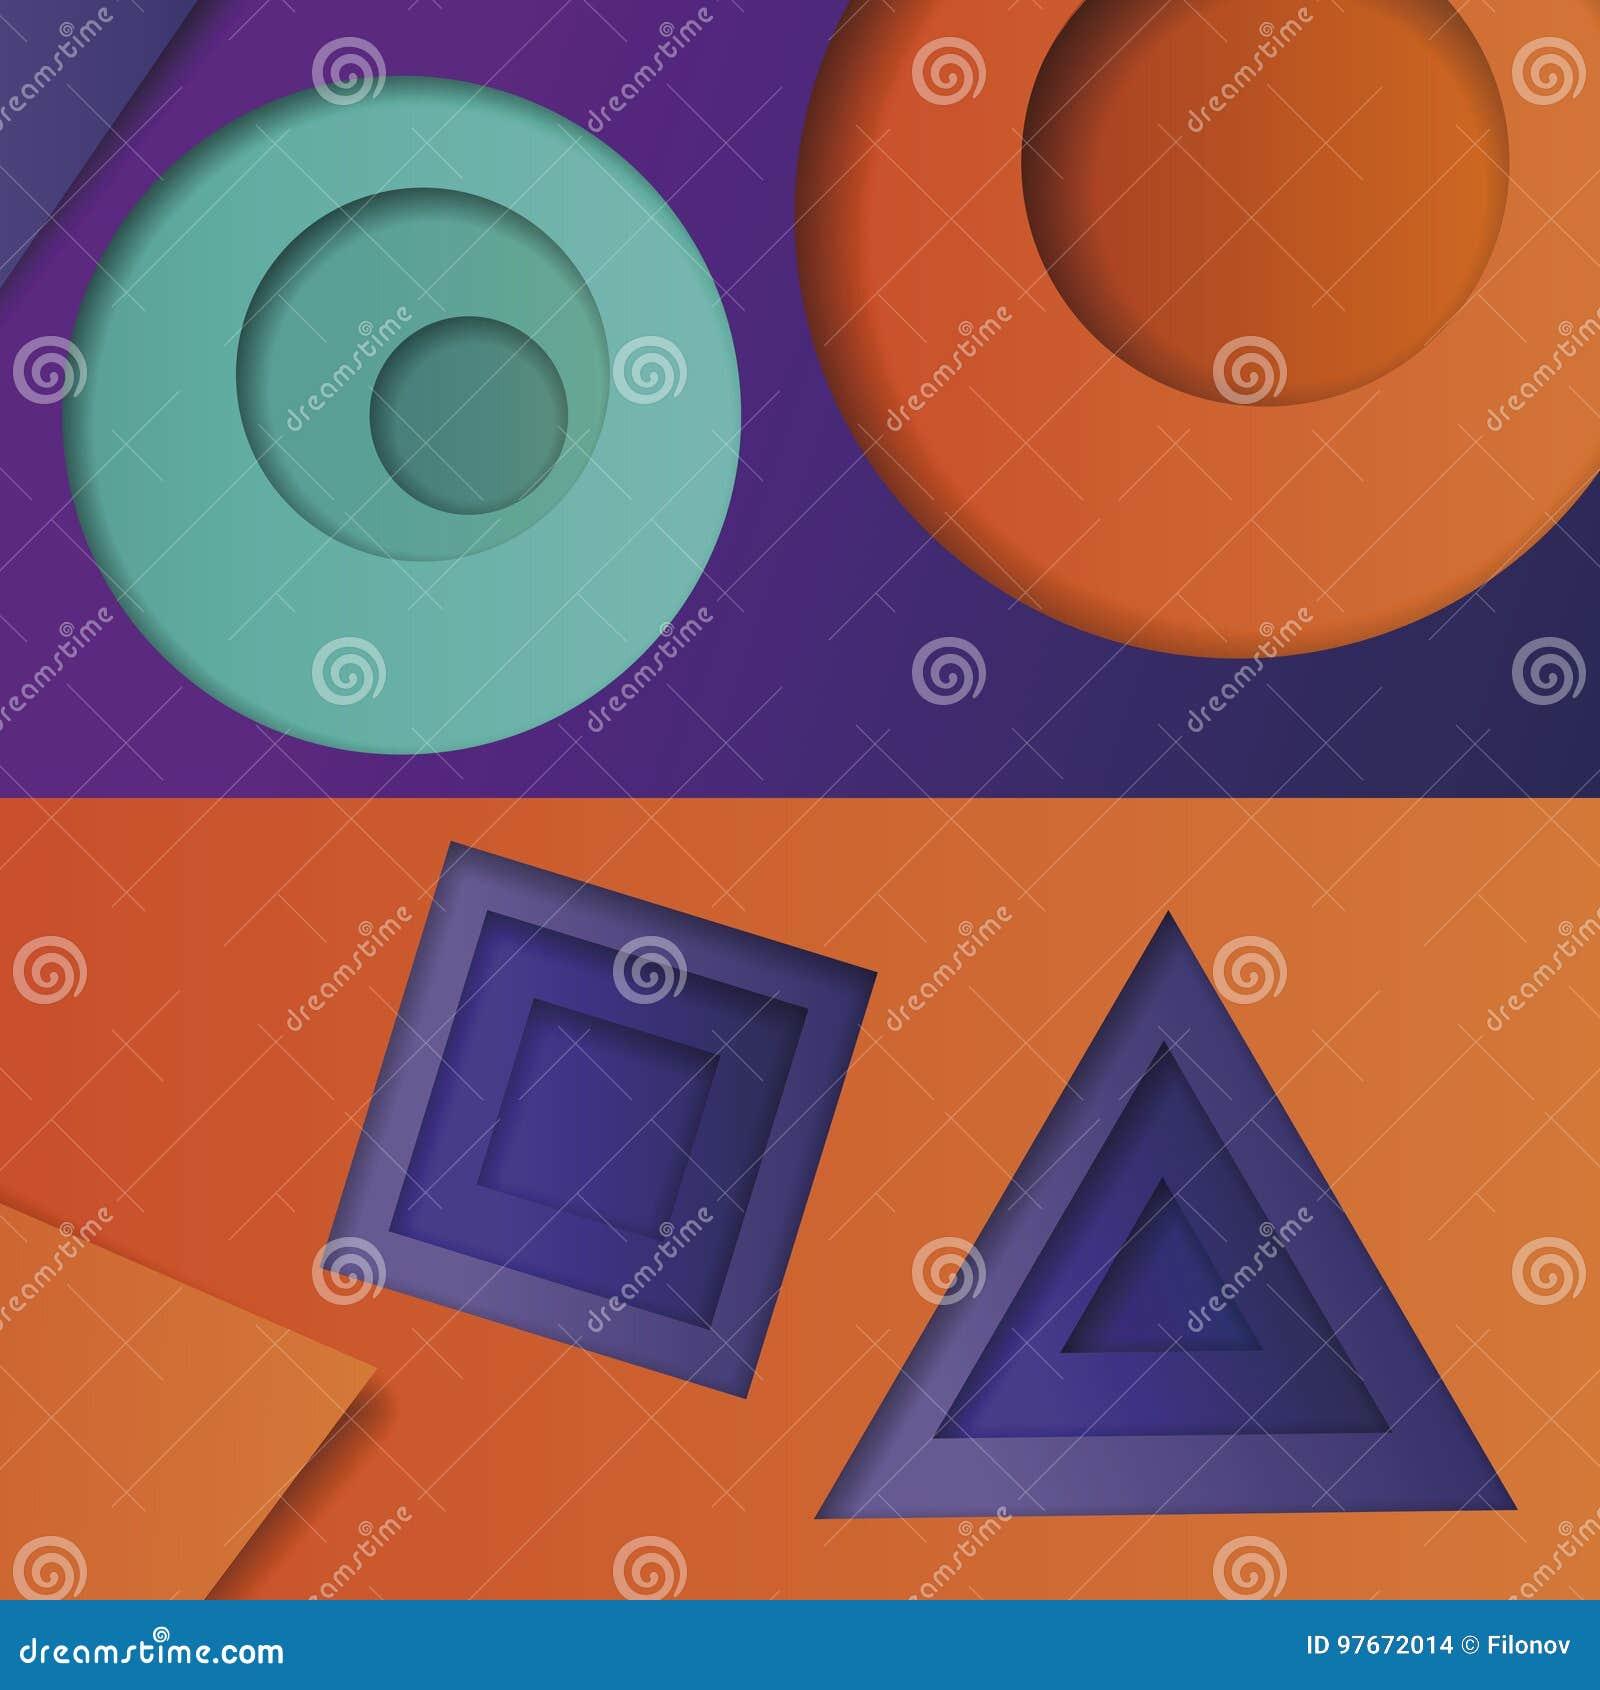 Achtergrond van multicolored abstracte vector in de stijl van materieel ontwerp met geometrische vormen van verschillende grootte